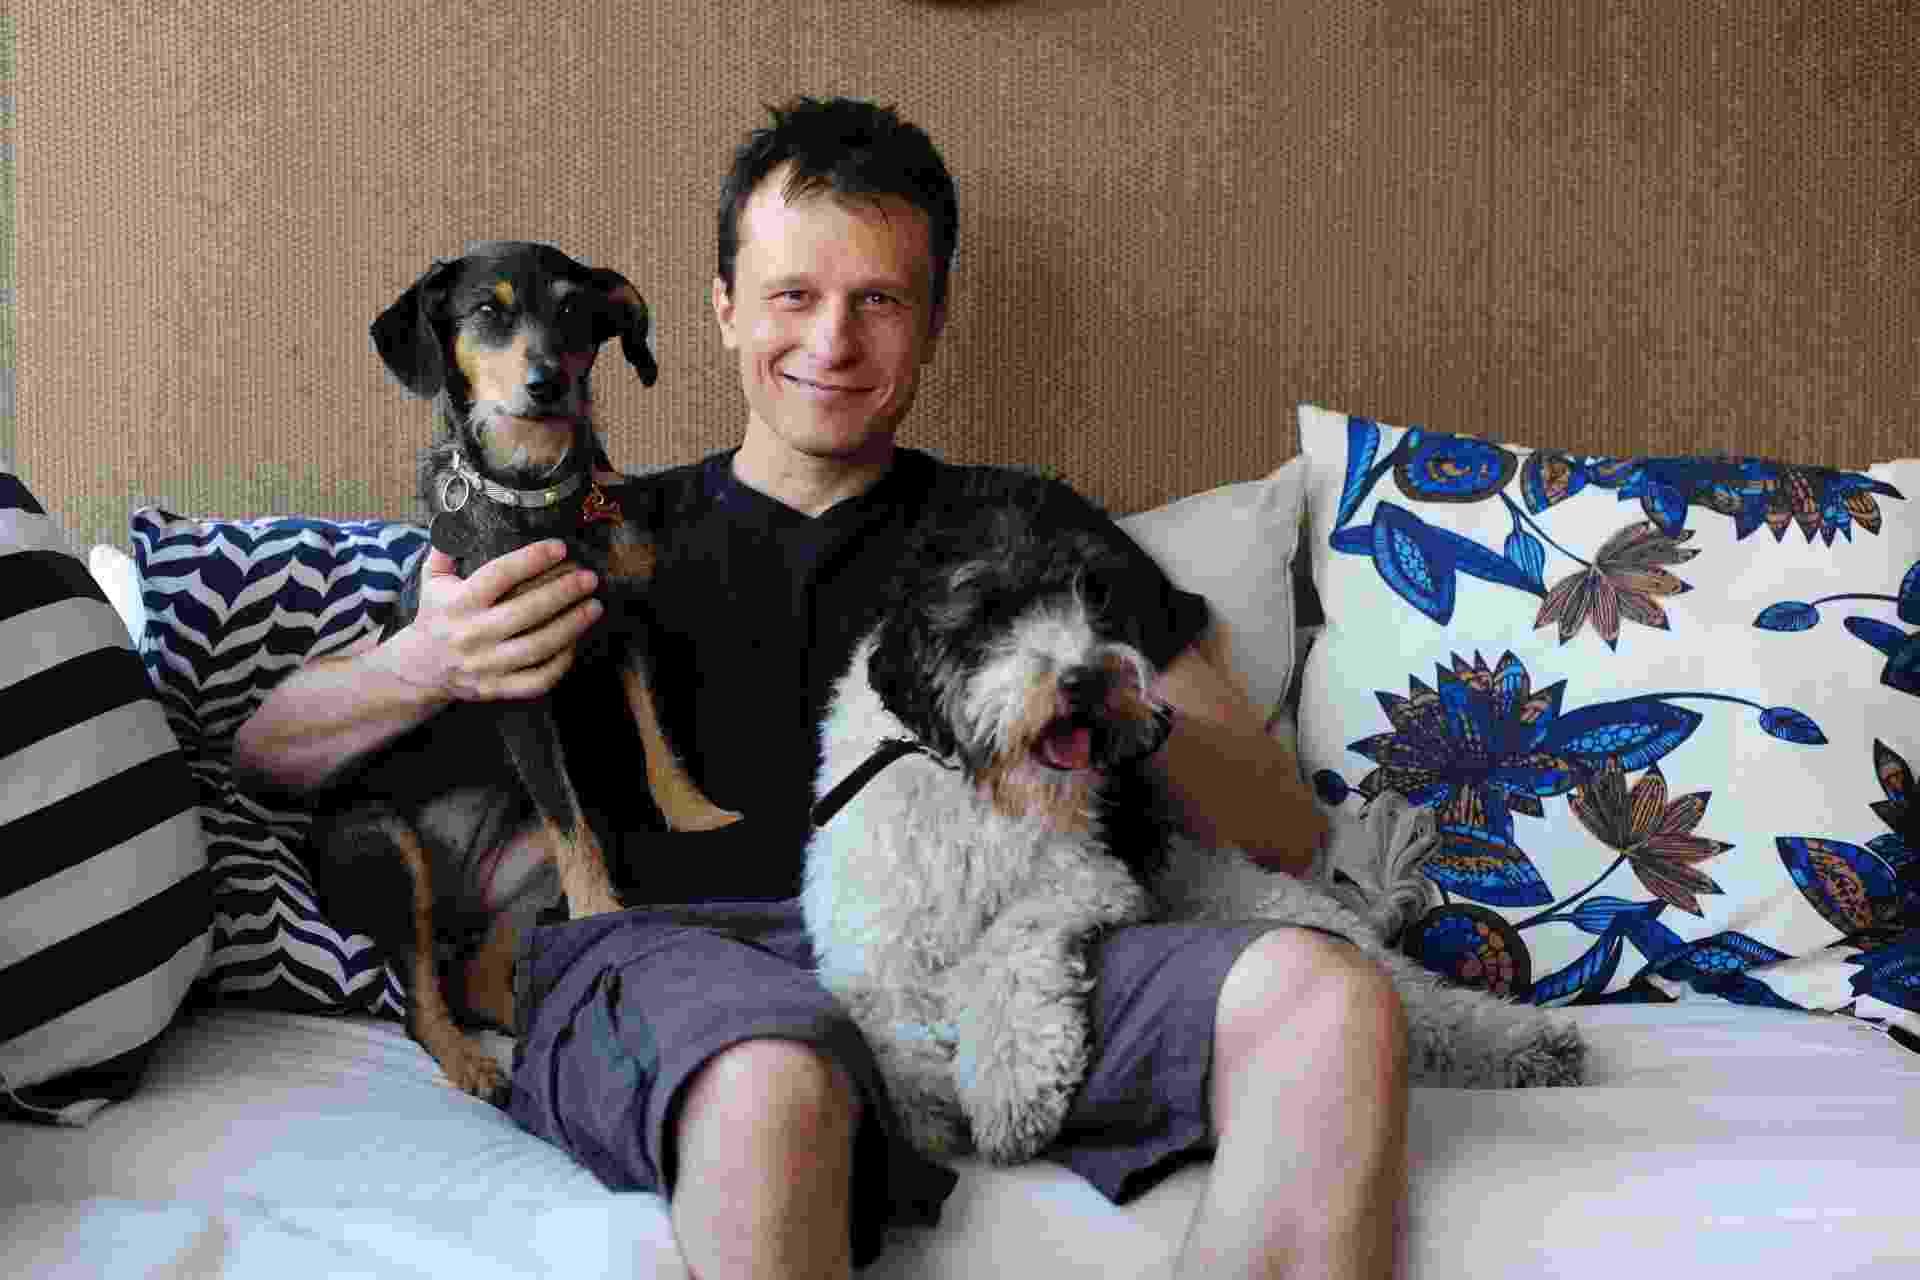 Quando Alexandre Rossi (Dr. Pet) e sua mulher Cynthia resolveram reformar o novo apê em São Paulo (SP), queriam incluir no projeto as necessidades dos cães Estopinha e Barthô (foto). Para ajudar na integração dos cães aos ambientes, o casal contratou as designers de interiores Daniella Stecconi e Simone Fogassa, especializadas em decoração com pets - Junior Lago/ UOL